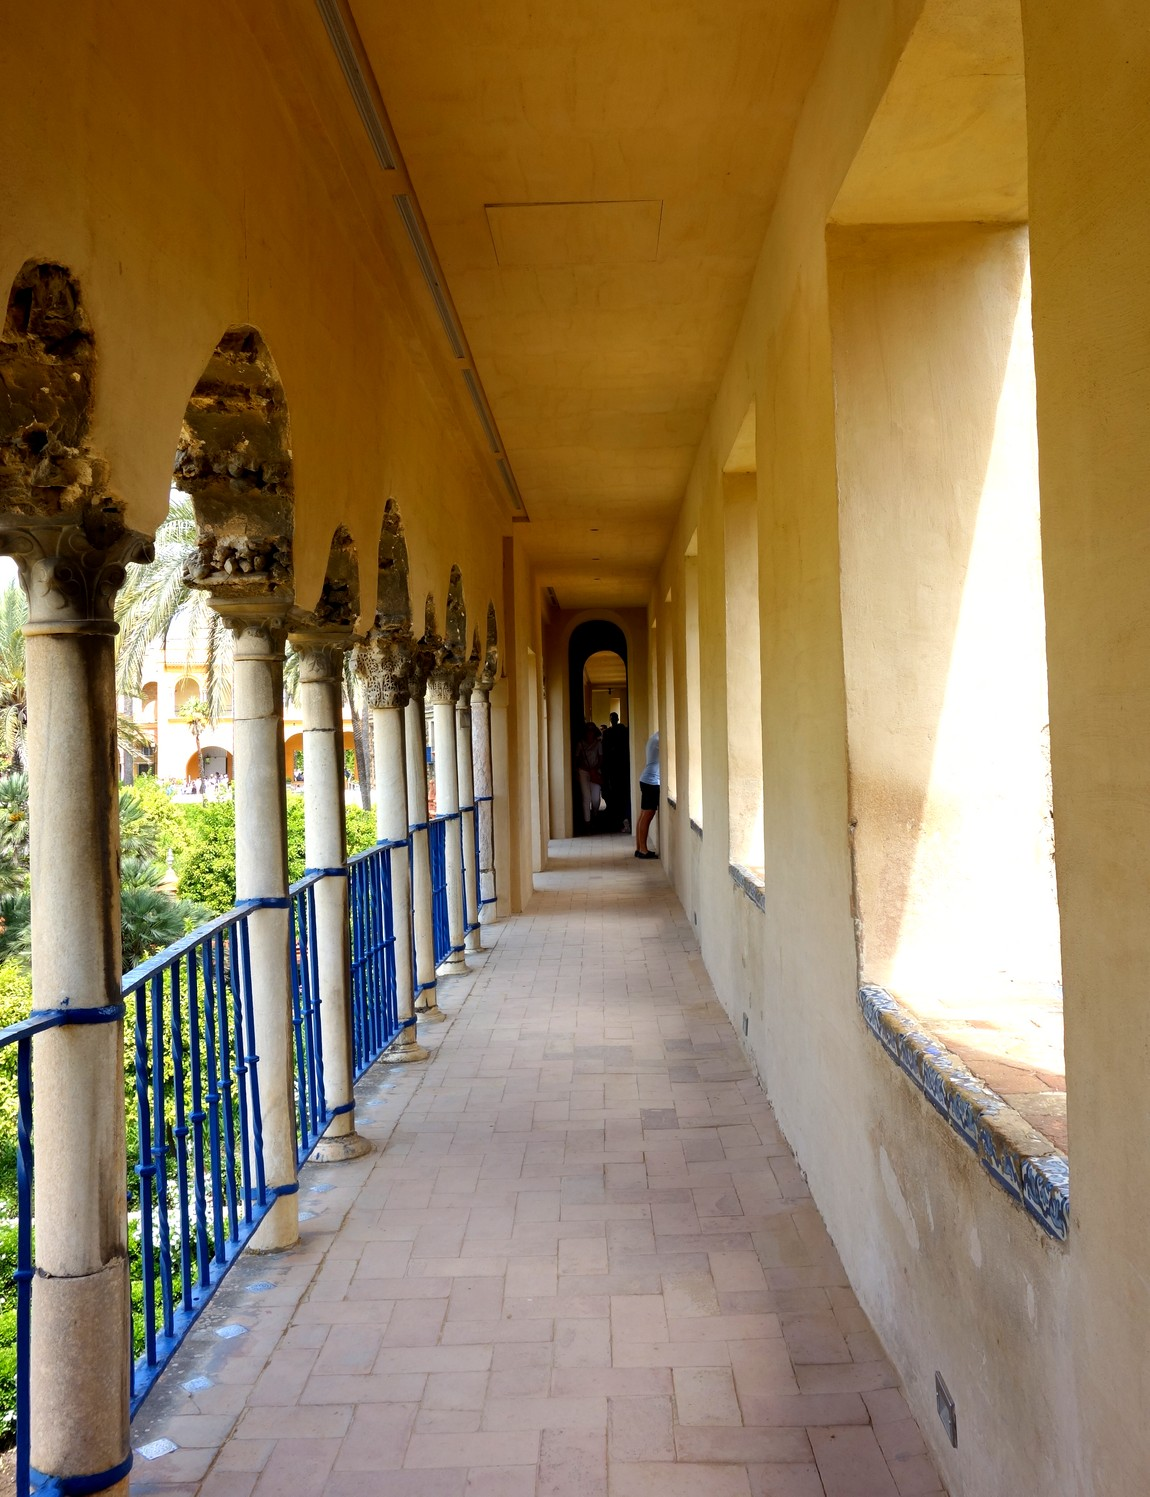 Галерея гротесков (Galeria del Grutesco) -сады Алькасар в Севилье